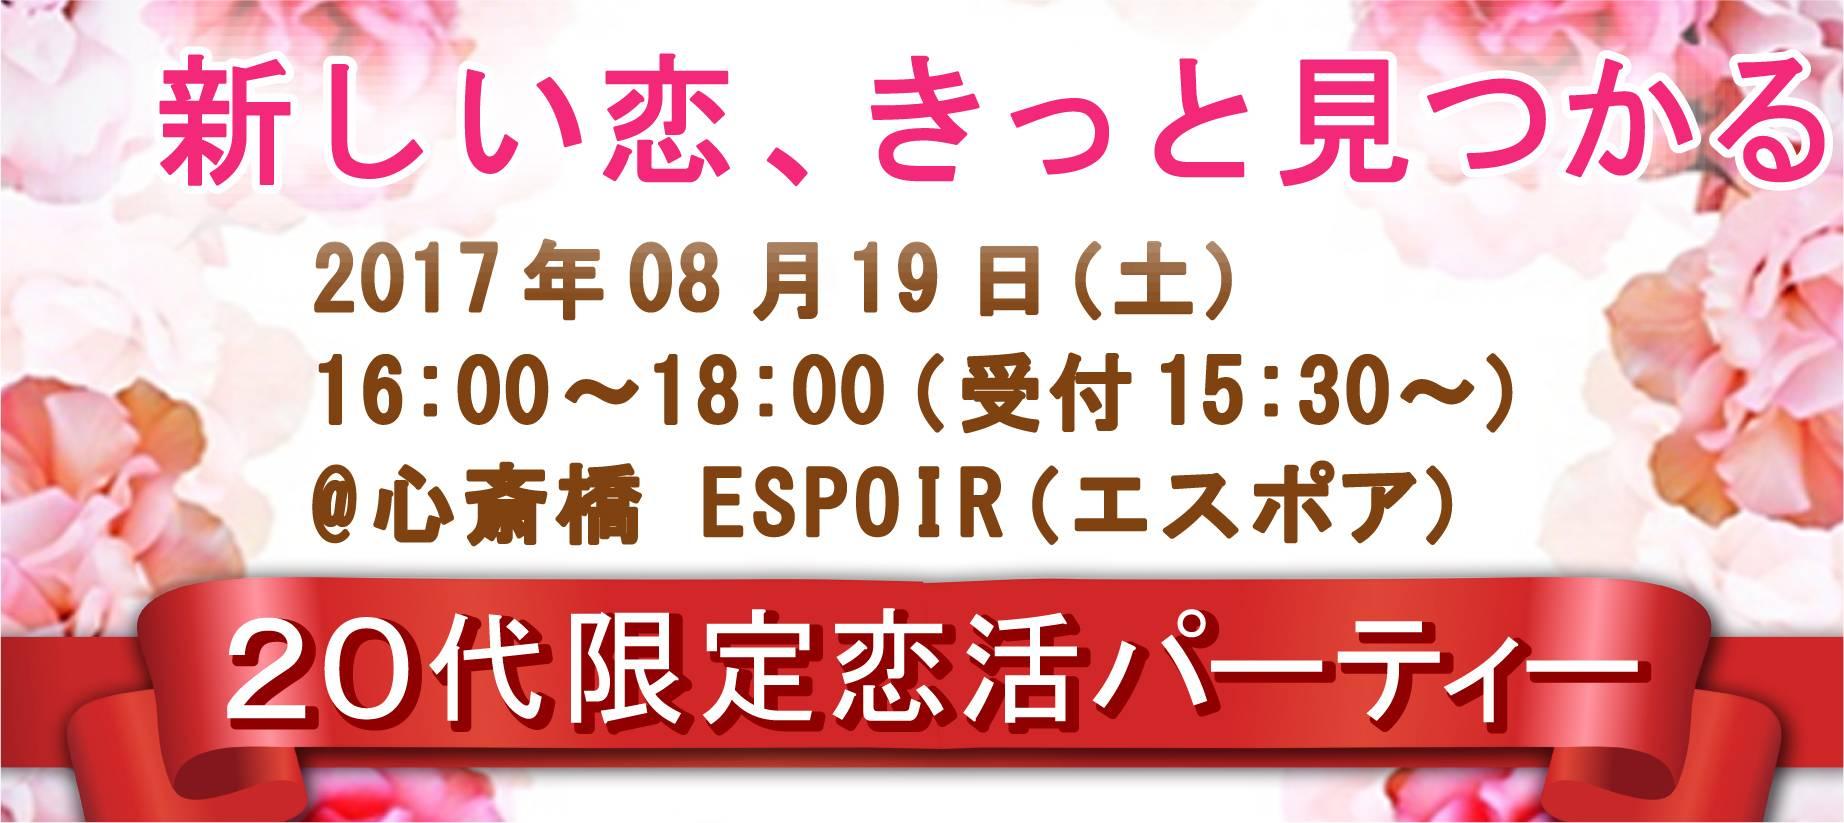 【心斎橋の恋活パーティー】SHIAN'S PARTY主催 2017年8月19日